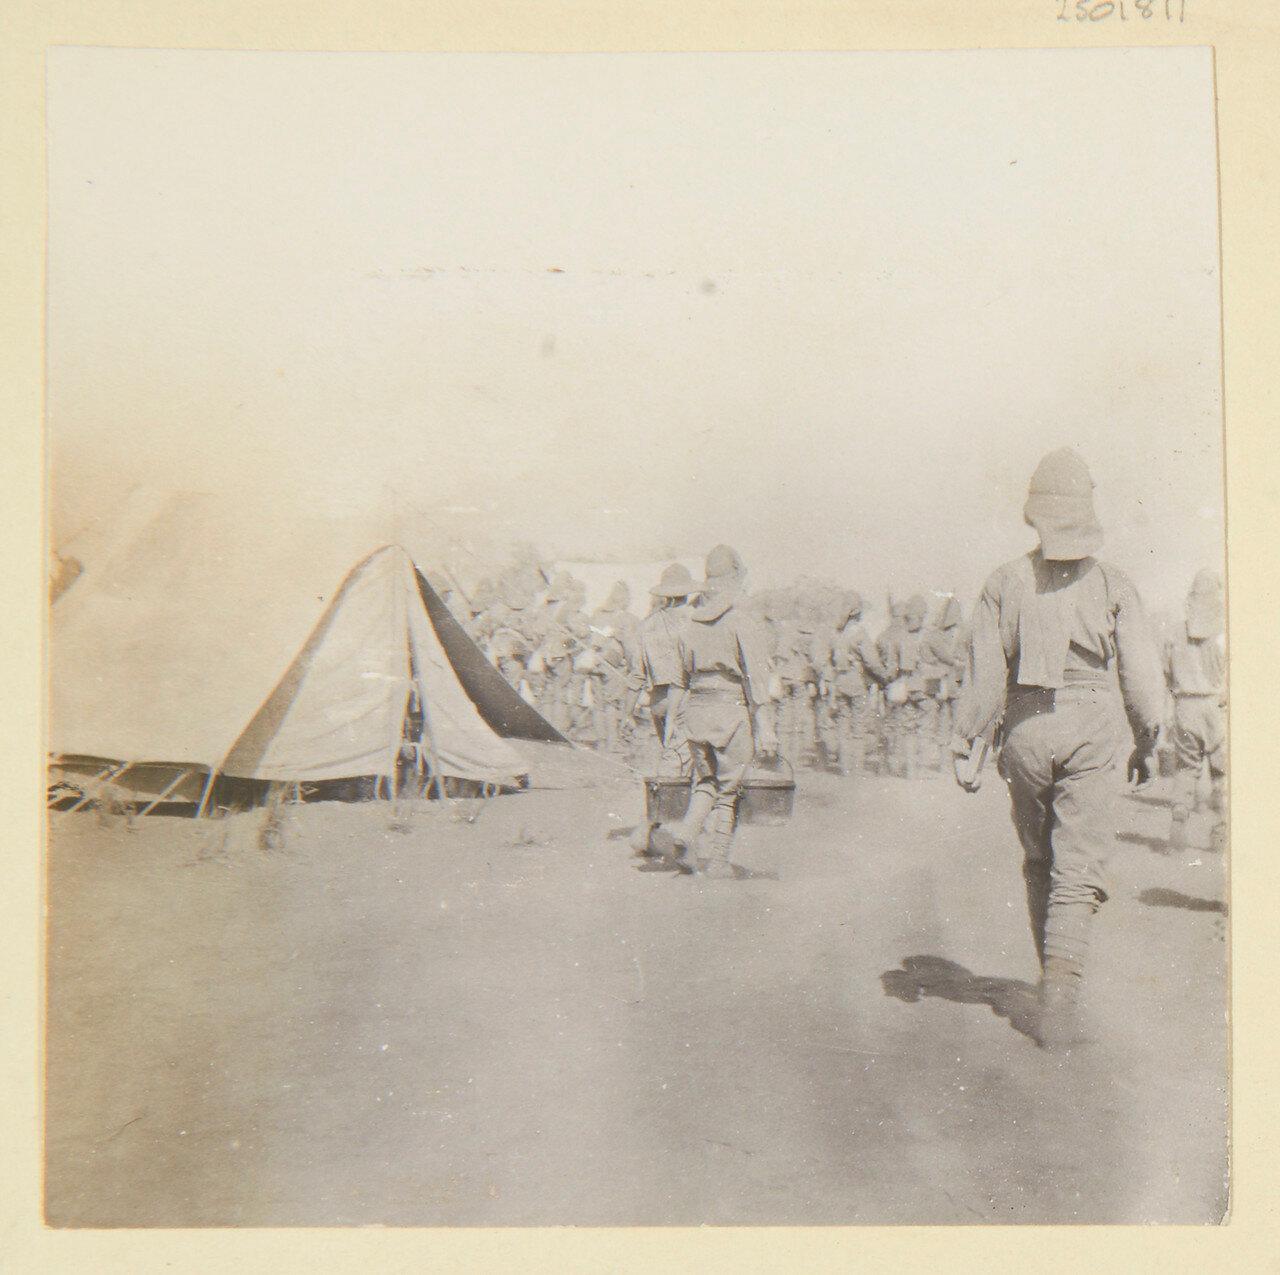 Август 1898. Лагерь гренадеров в Вад Хамиде